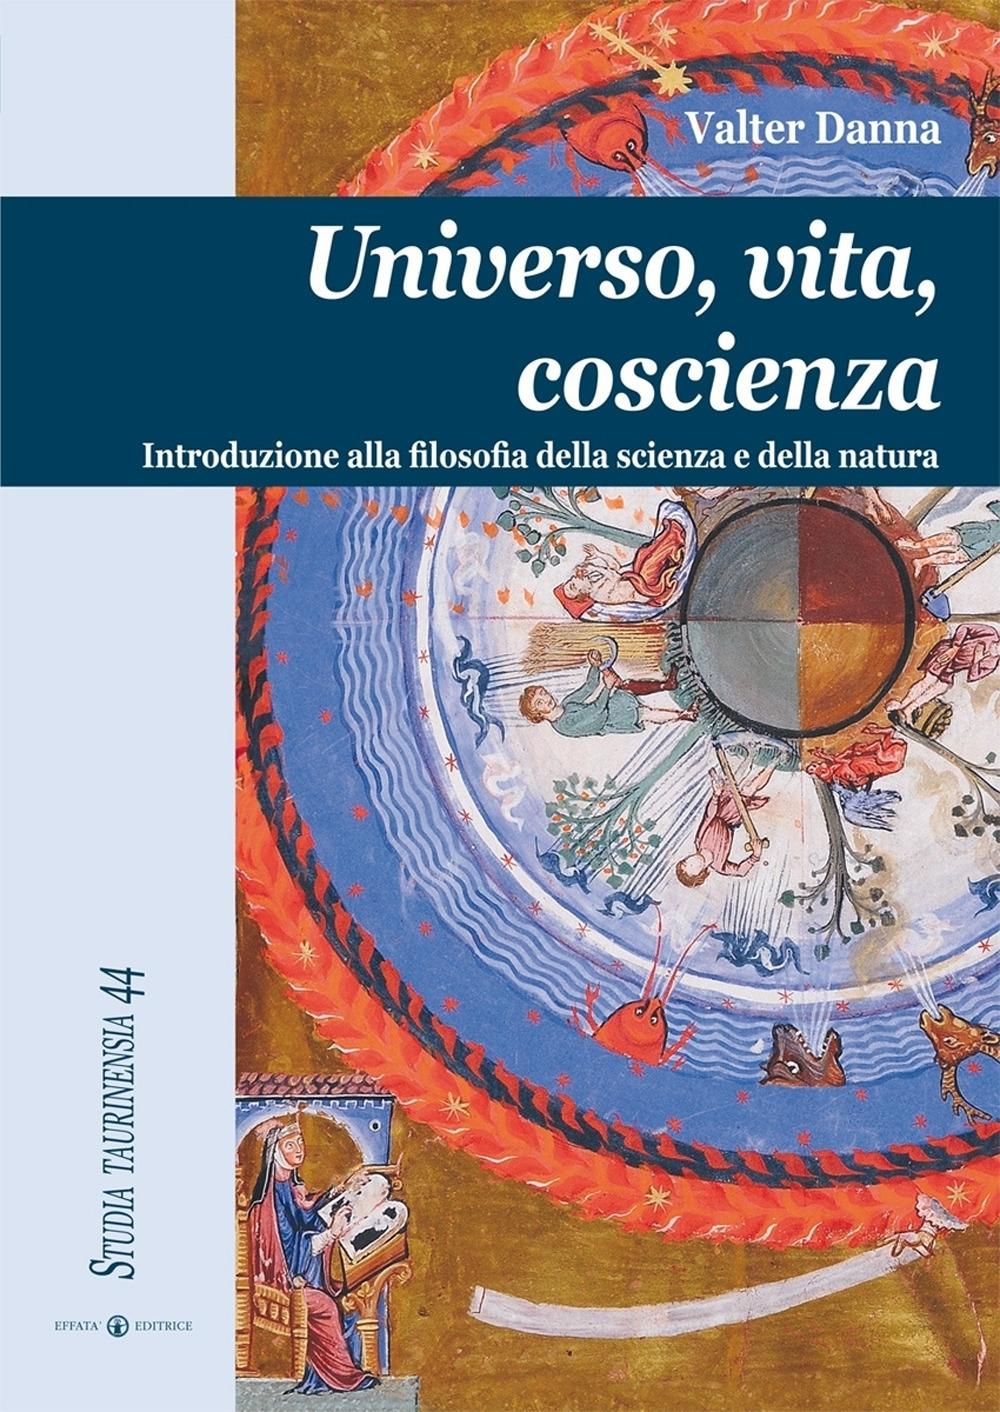 Universo, vita, coscienza. Introduzione alla filosofia della scienza e della natura.